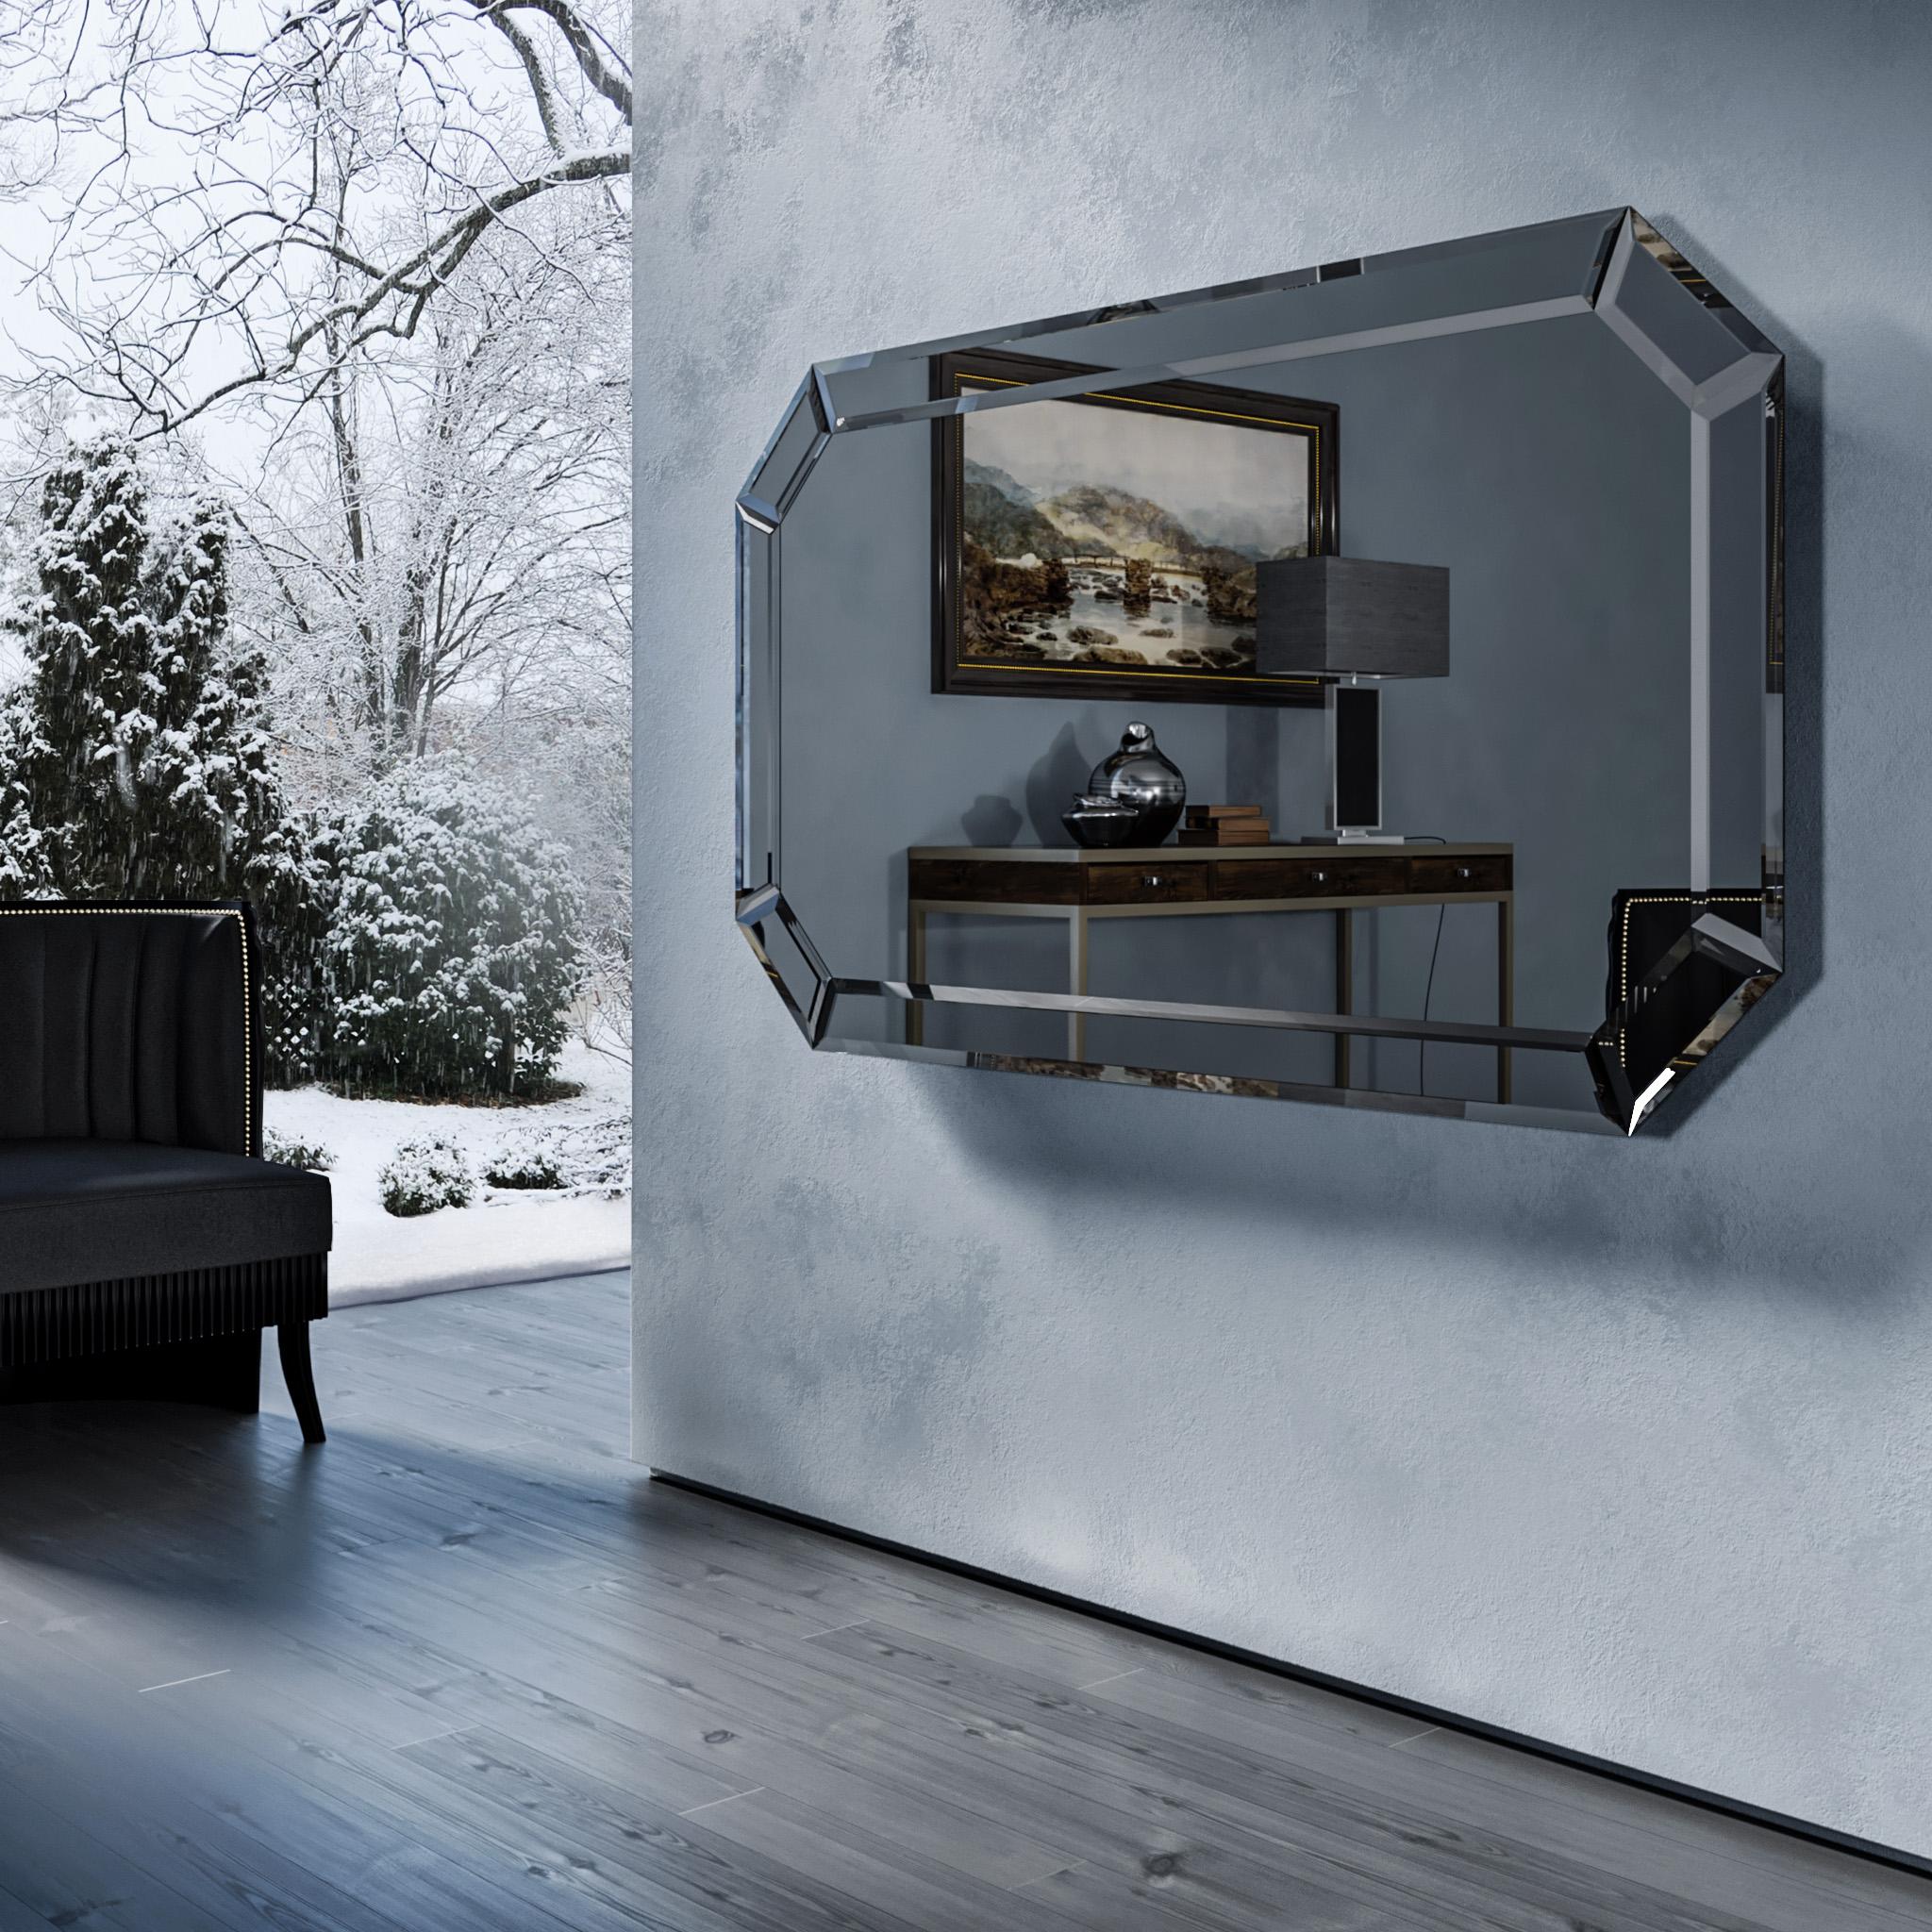 Зеркальный телевизор Tele-Art Diamond Frame Q7D Grafit Mirror в выключенном состоянии